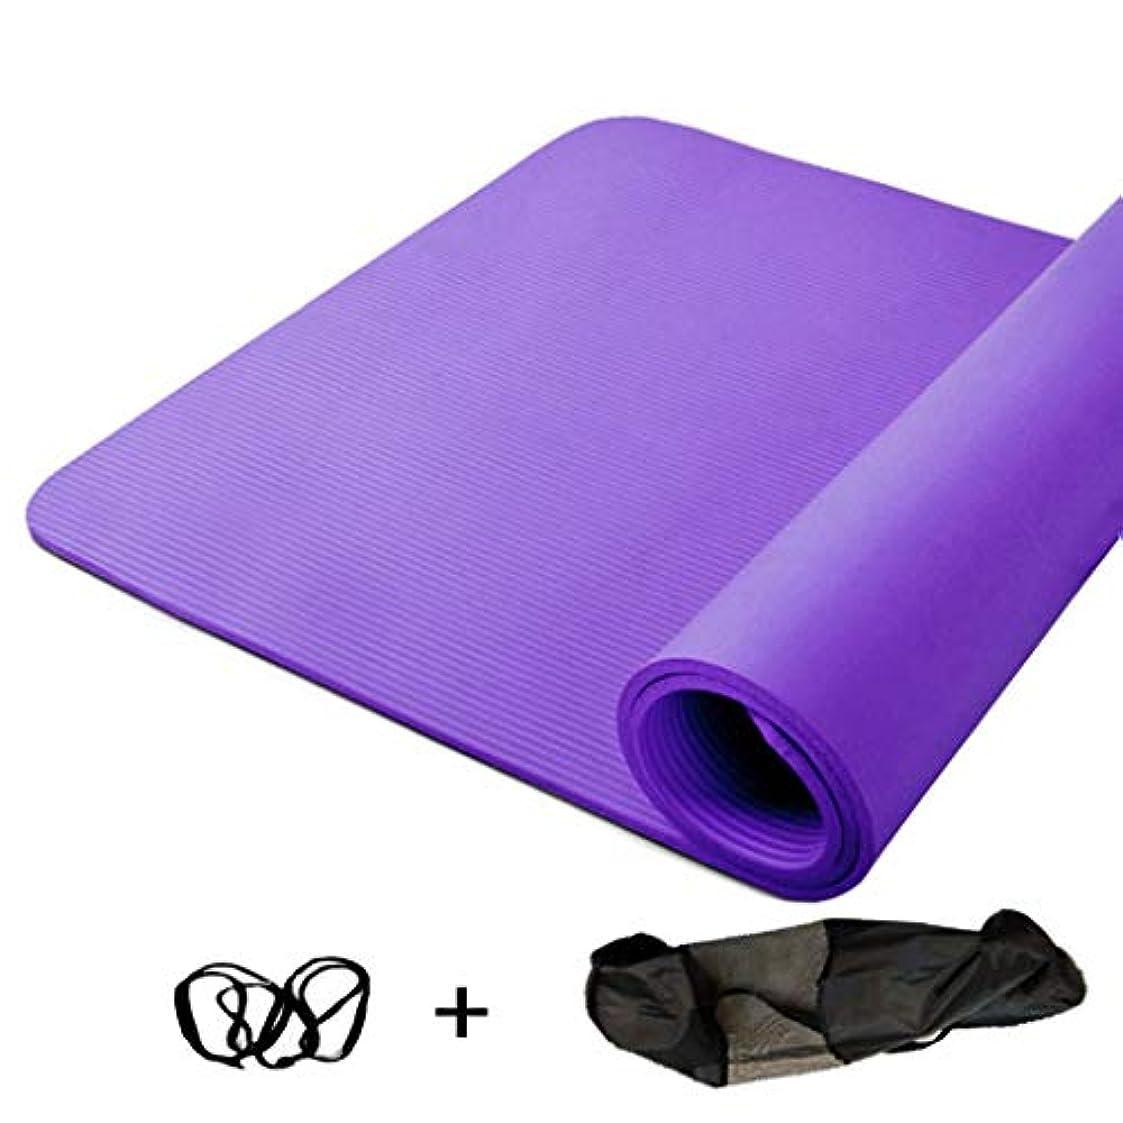 雄大な沼地後寝袋アウトドアアウトドアブッシュスリーシーズンキャンプ キャリングストラップ200 * 130 cm * 10 mm / 15 mmで広がる高密度ヨガマット余分厚いノンスリップフィットネスクッション で利用できる単一の二重色 (サイズ さいず : 紫の-Strap rope+bag, サイズ さいず : 15mm)